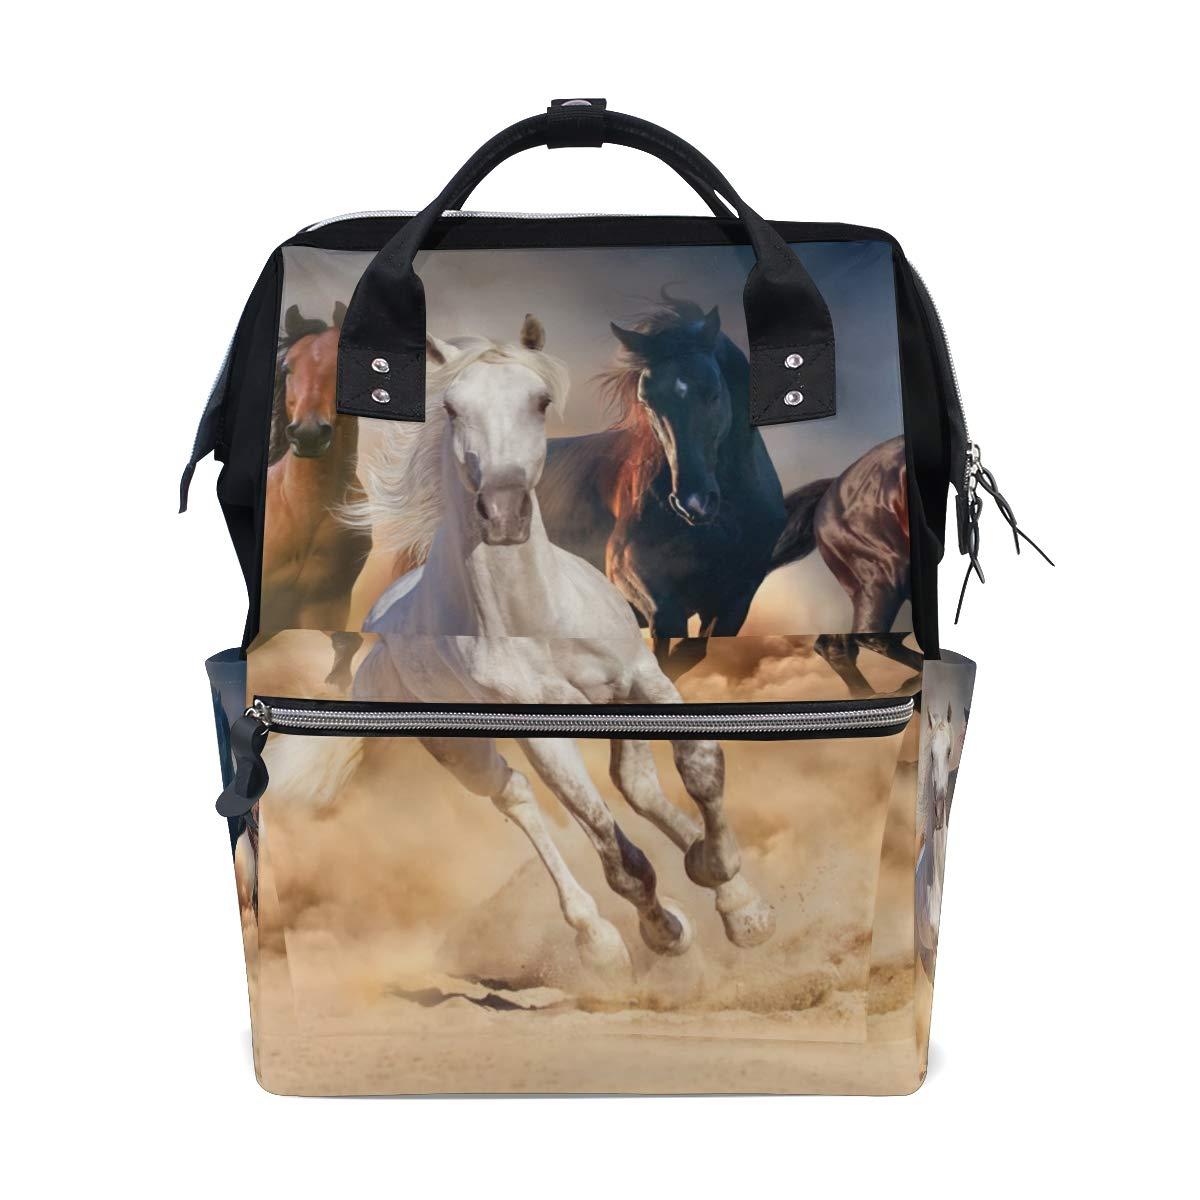 MERRYSUGAR Diaper Bag Backpack Horse Multifunction Travel Bag